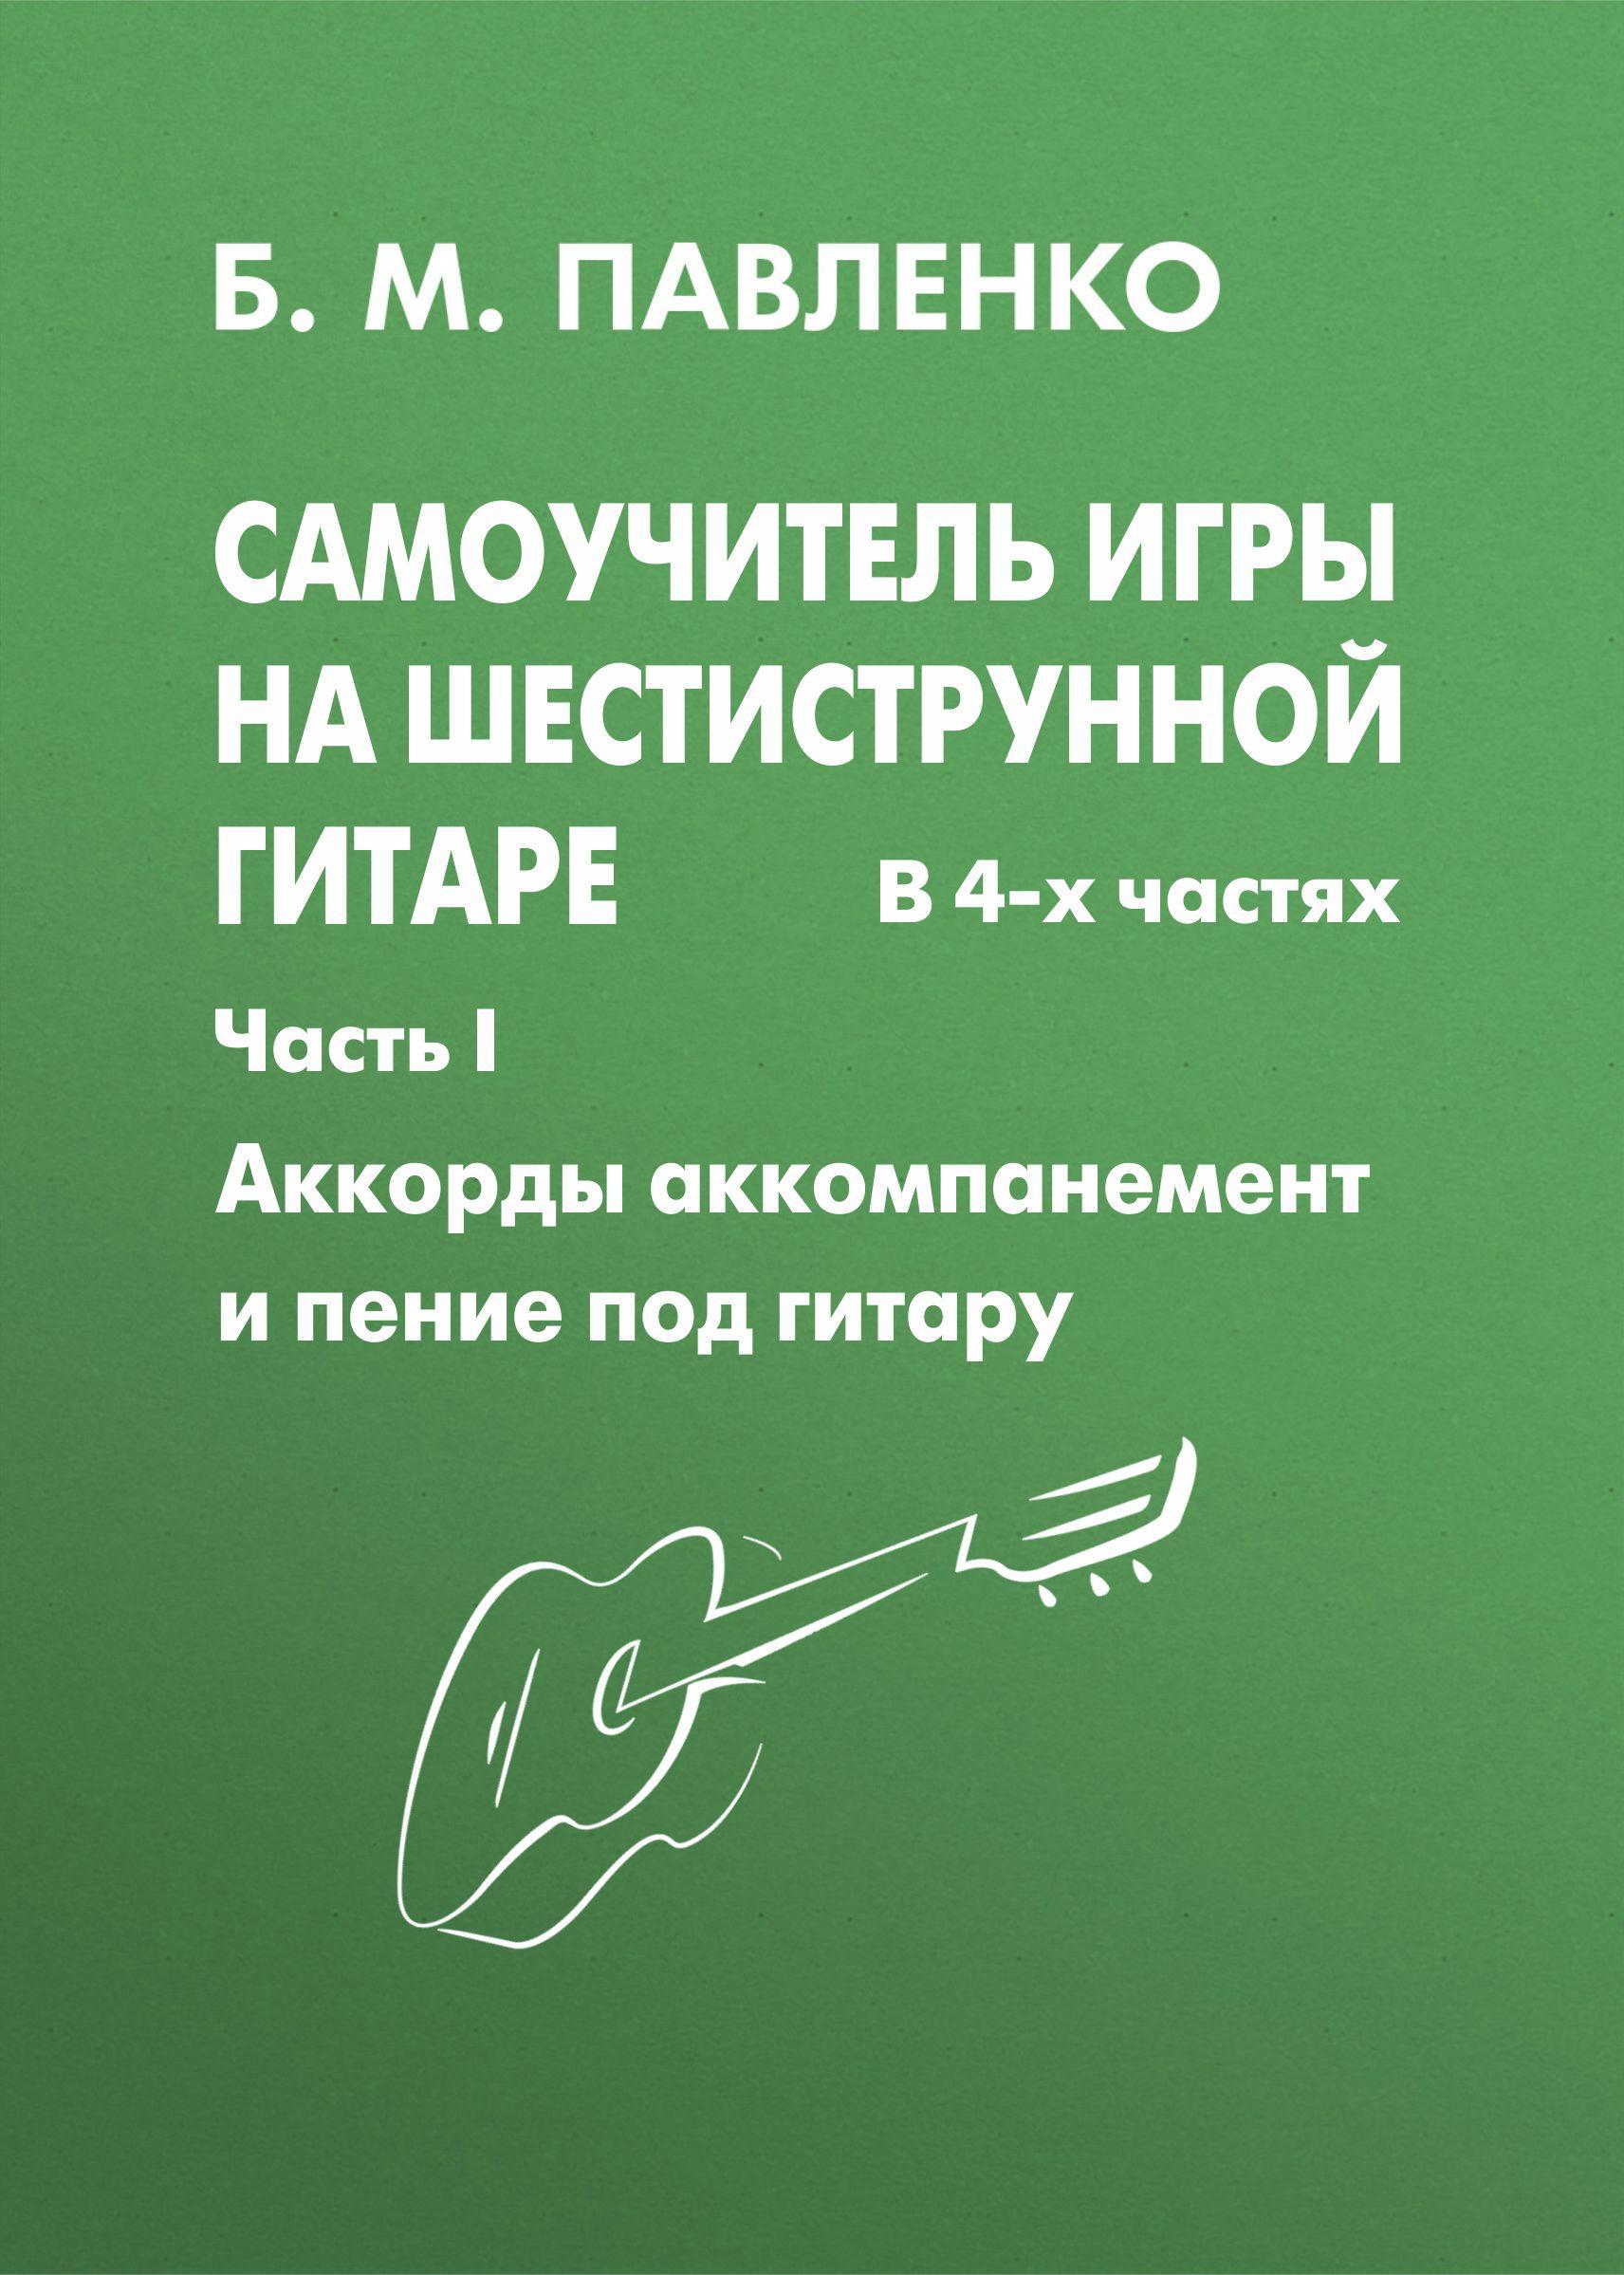 Самоучитель игры на шестиструнной гитаре. Аккорды, аккомпанемент и пение под гитару. I часть